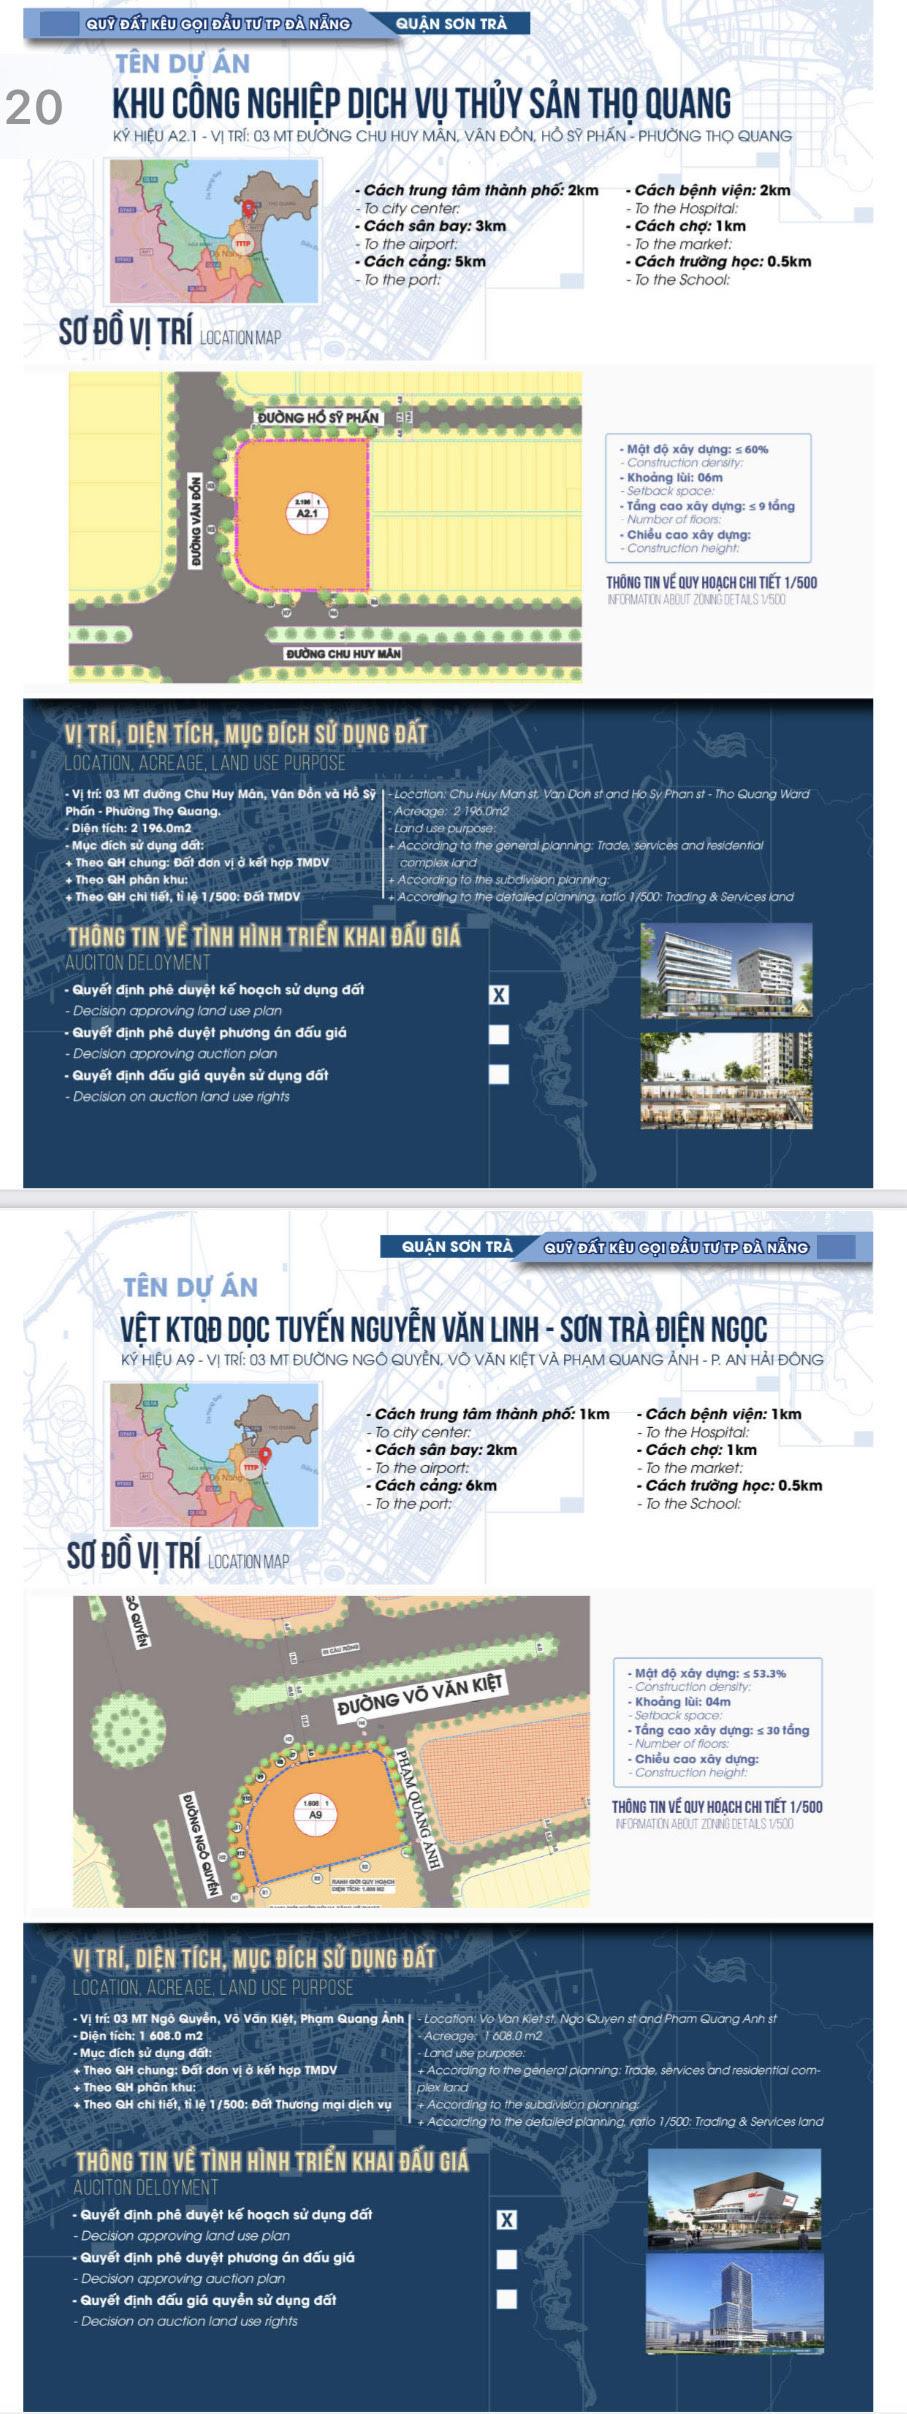 Sau sốt đất, Đà Nẵng bất ngờ công bố chi tiết 22 khu đất sạch kêu gọi đầu tư - Ảnh 11.